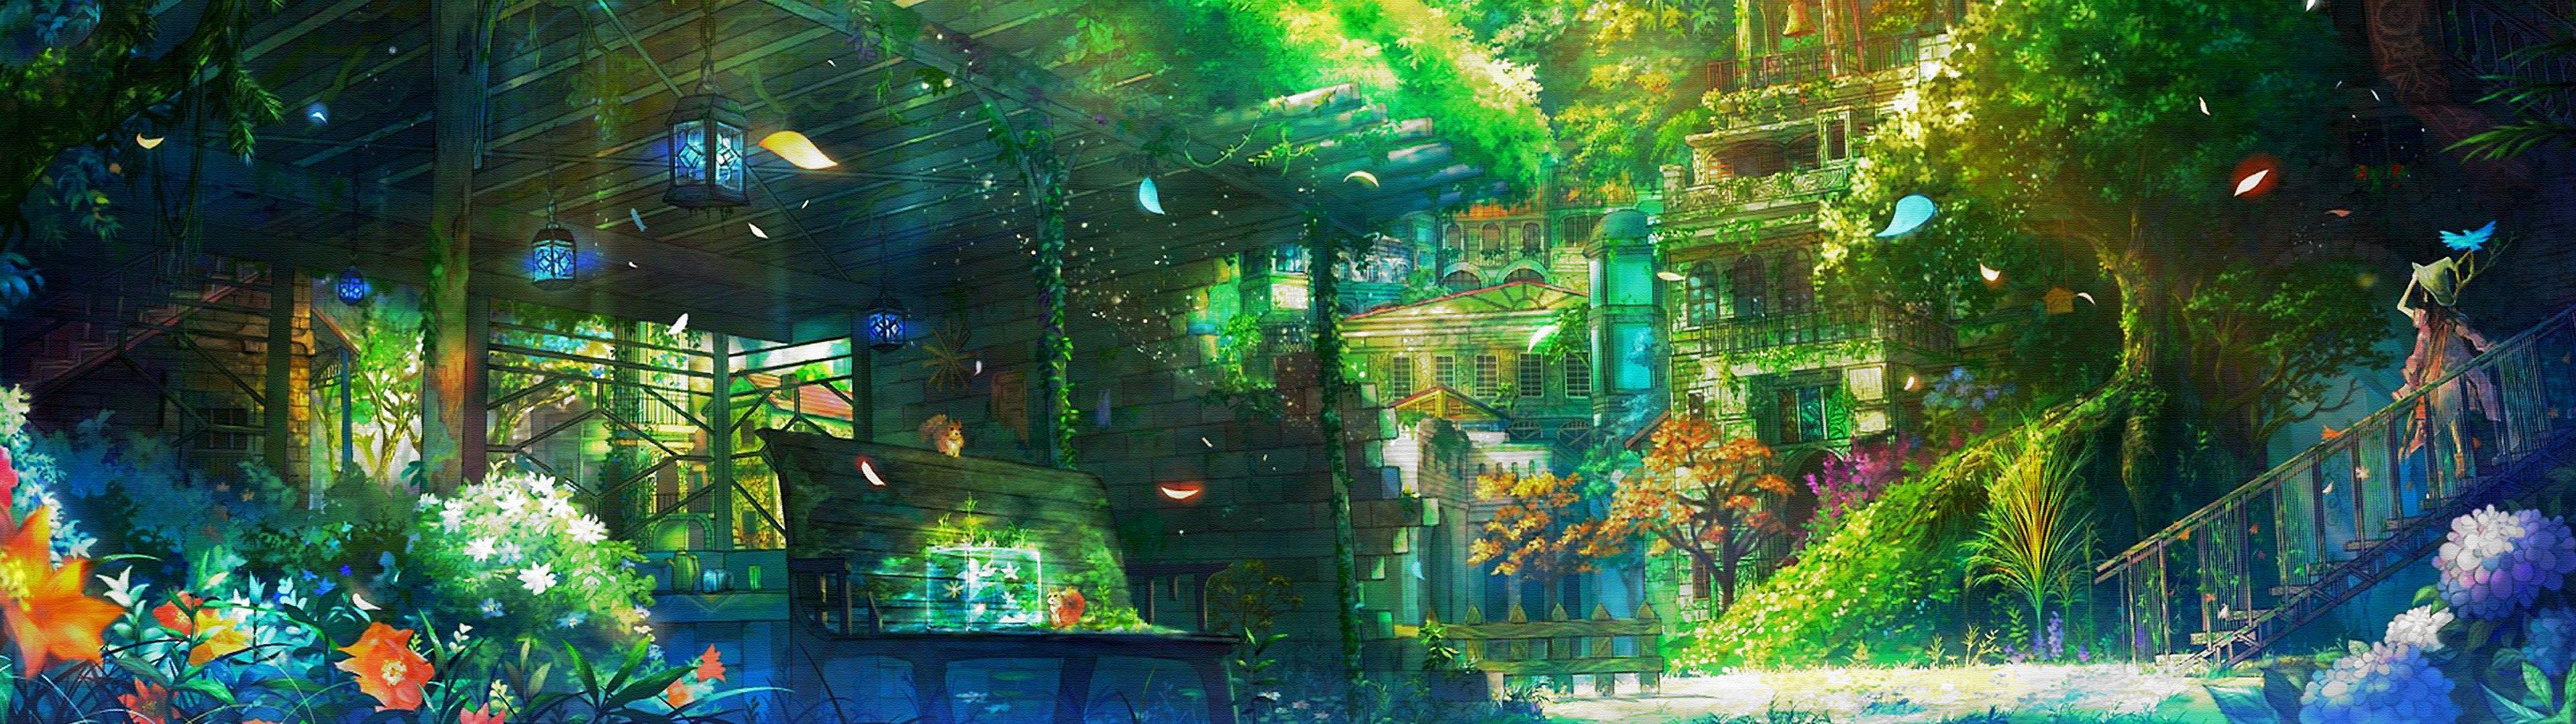 4k wallpaper anime (3840x1080) Paysage manga, Paysage et